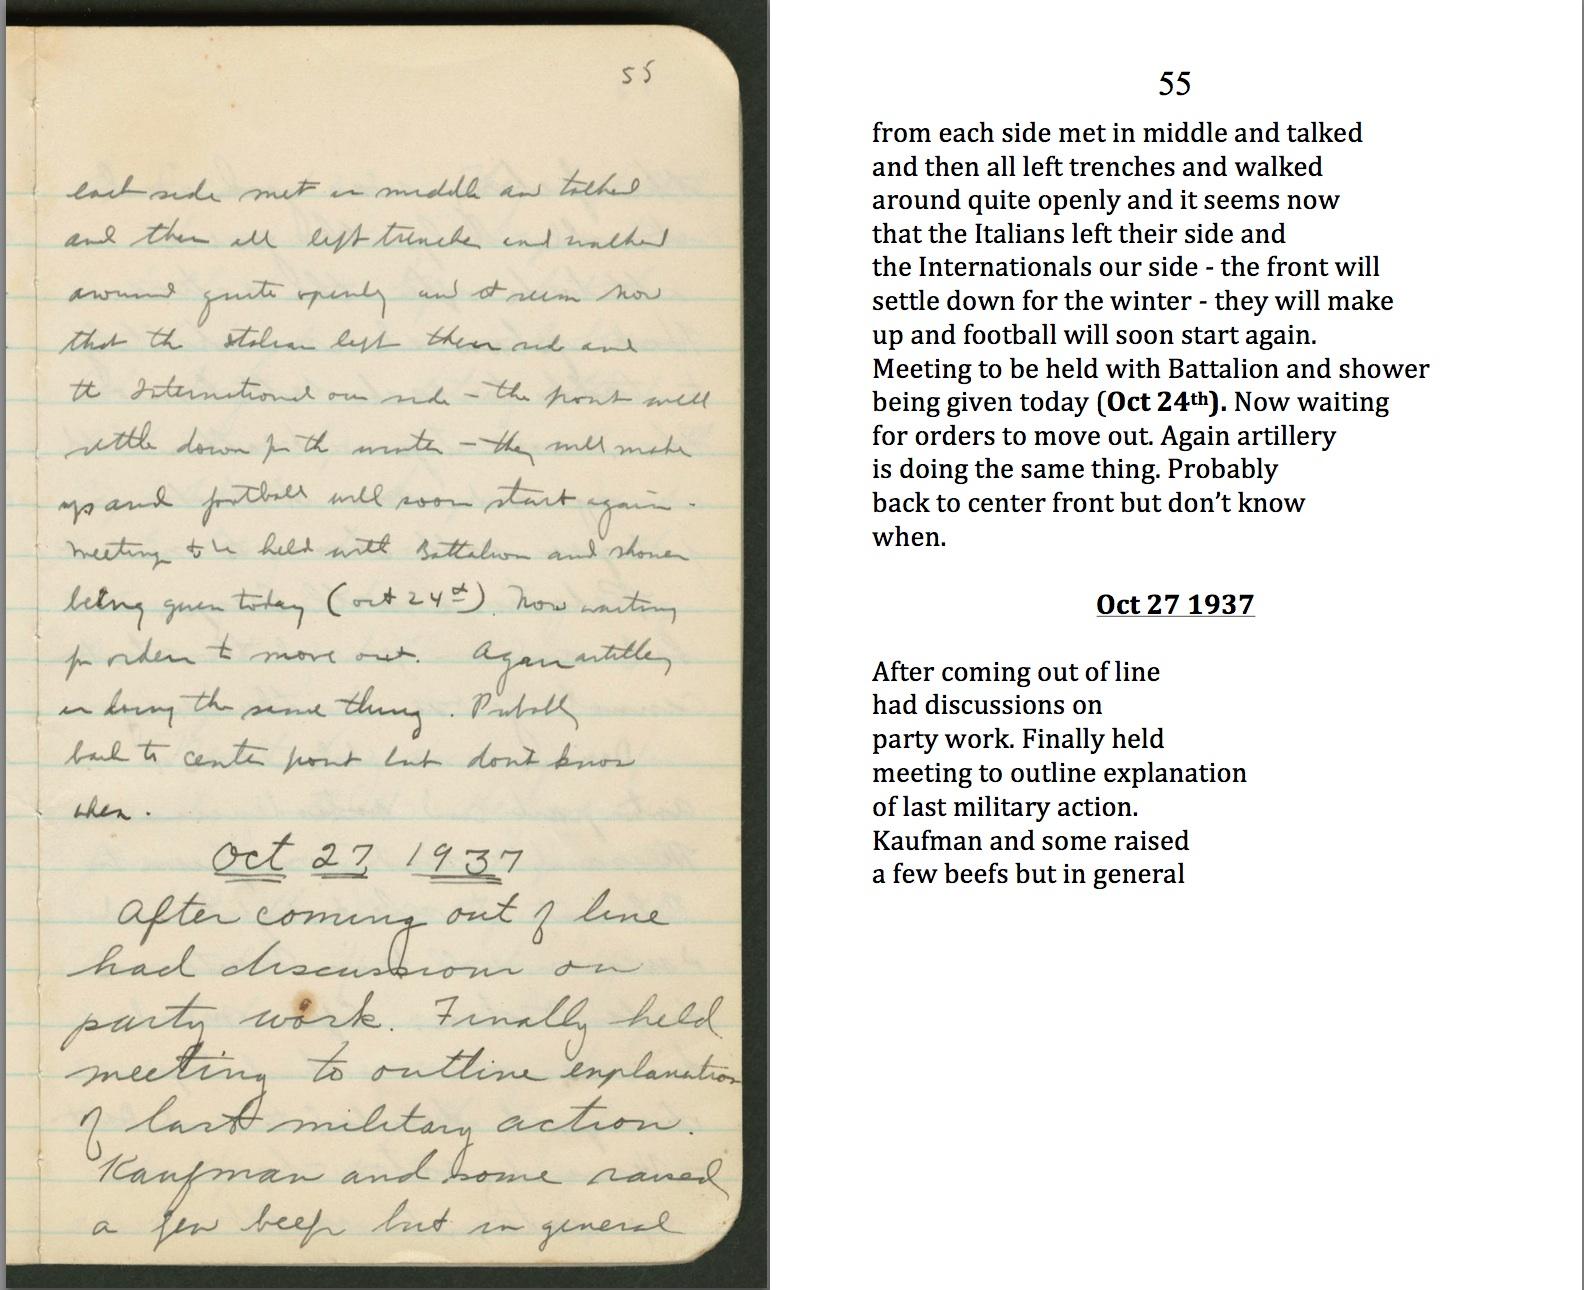 October 24, 1937